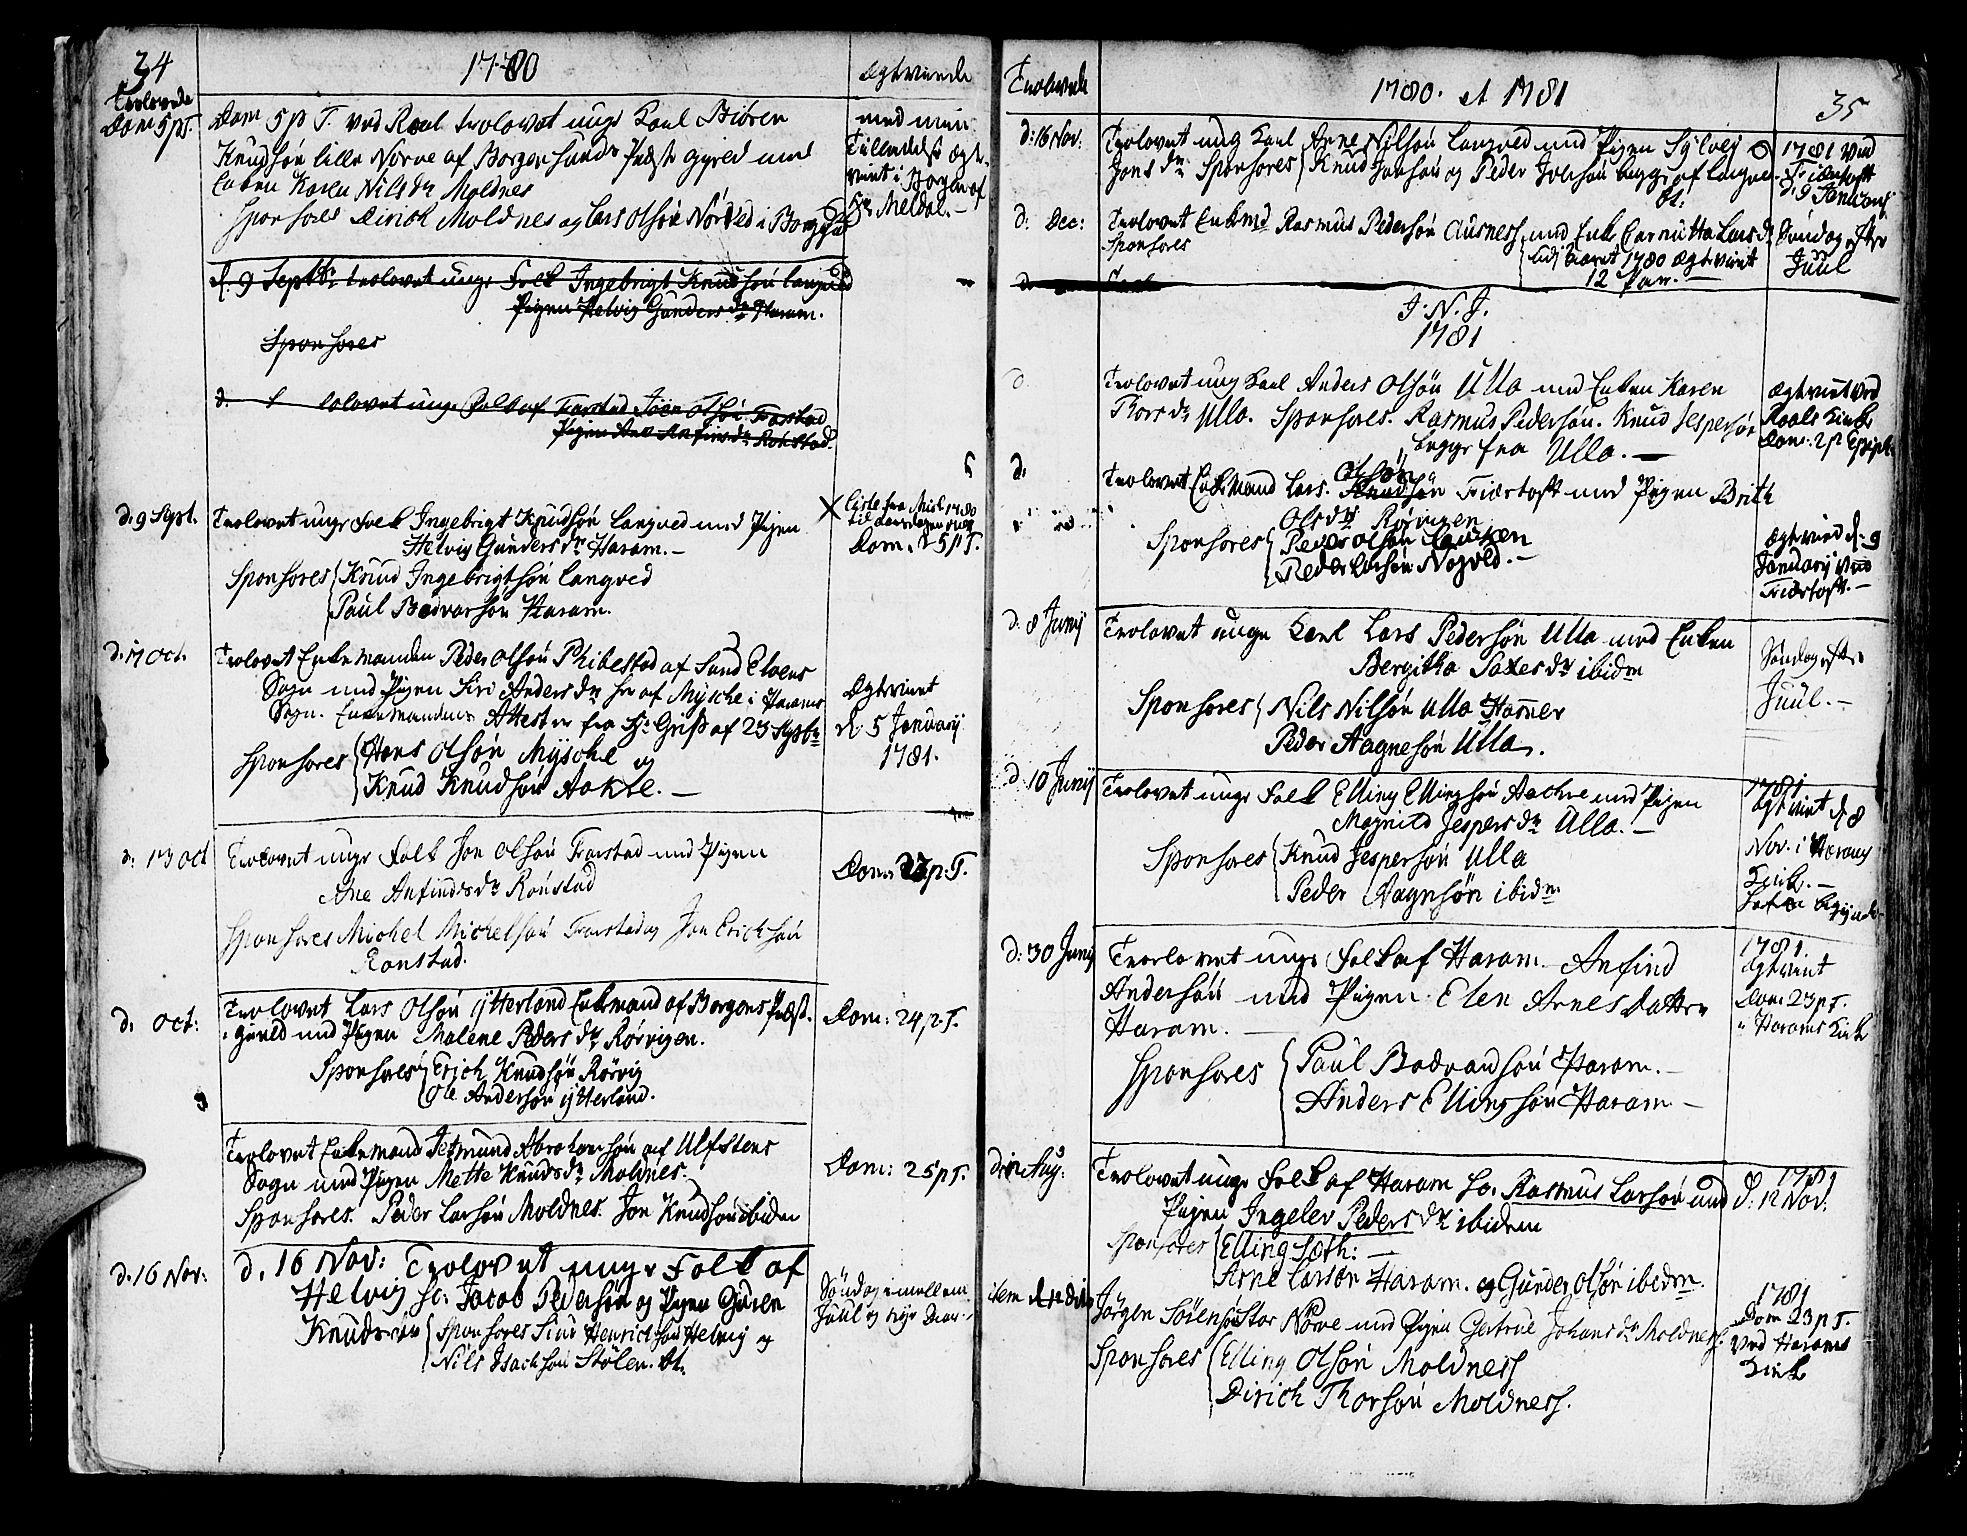 SAT, Ministerialprotokoller, klokkerbøker og fødselsregistre - Møre og Romsdal, 536/L0493: Parish register (official) no. 536A02, 1739-1802, p. 34-35